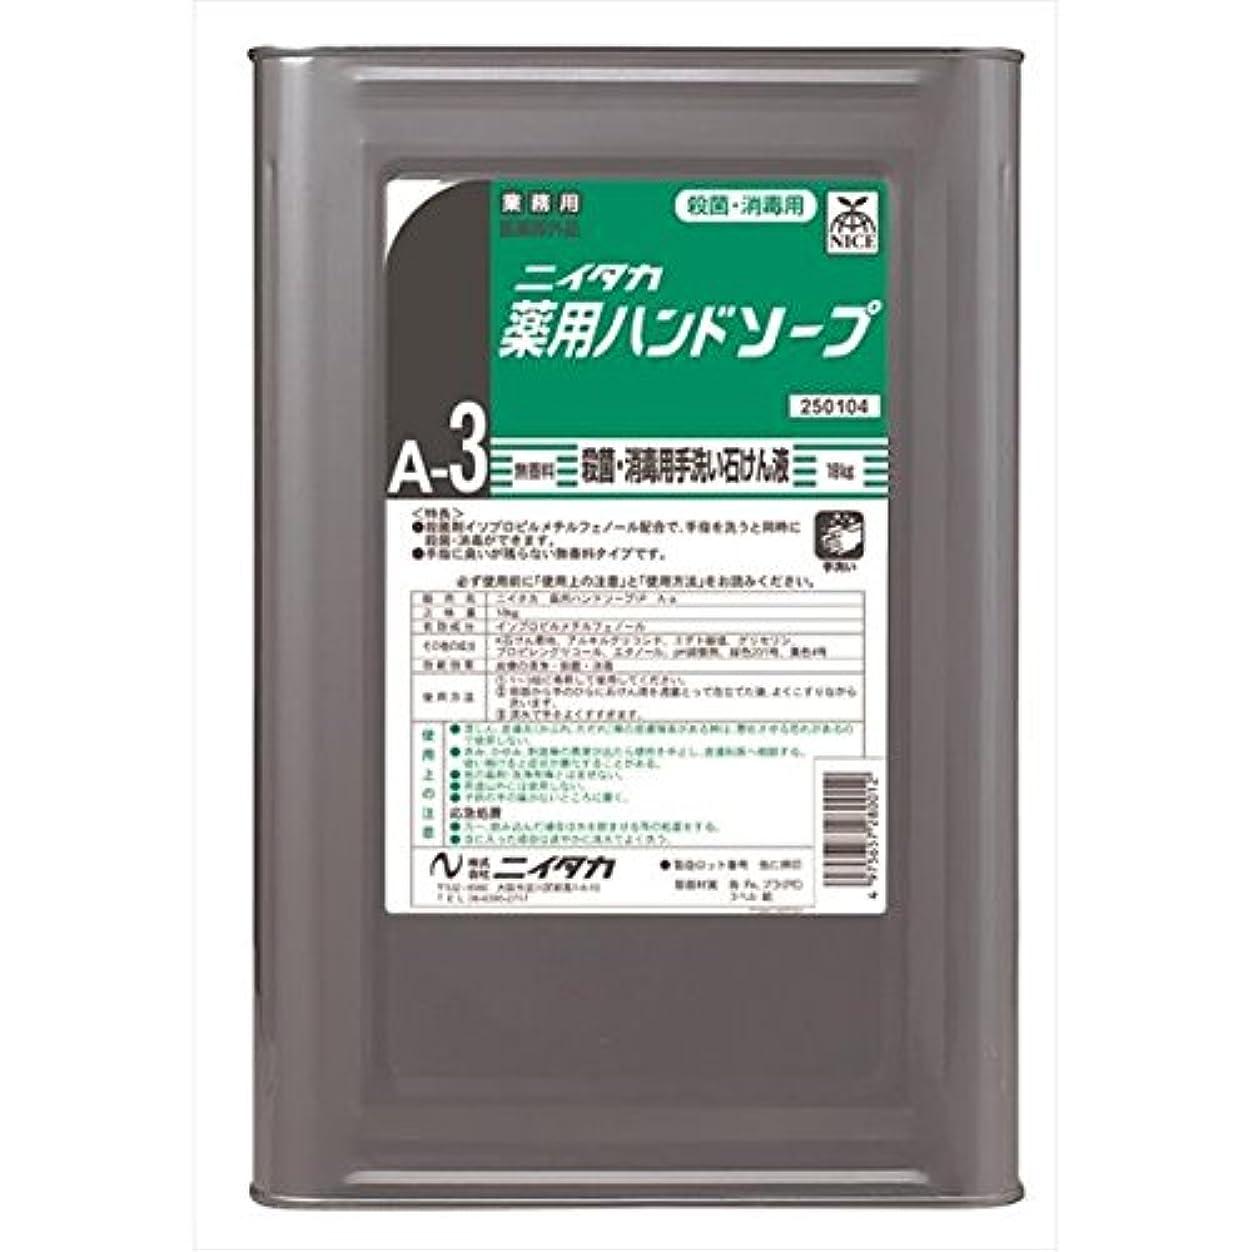 民族主義竜巻の間でニイタカ:薬用ハンドソープ(A-3) 18kg 250104